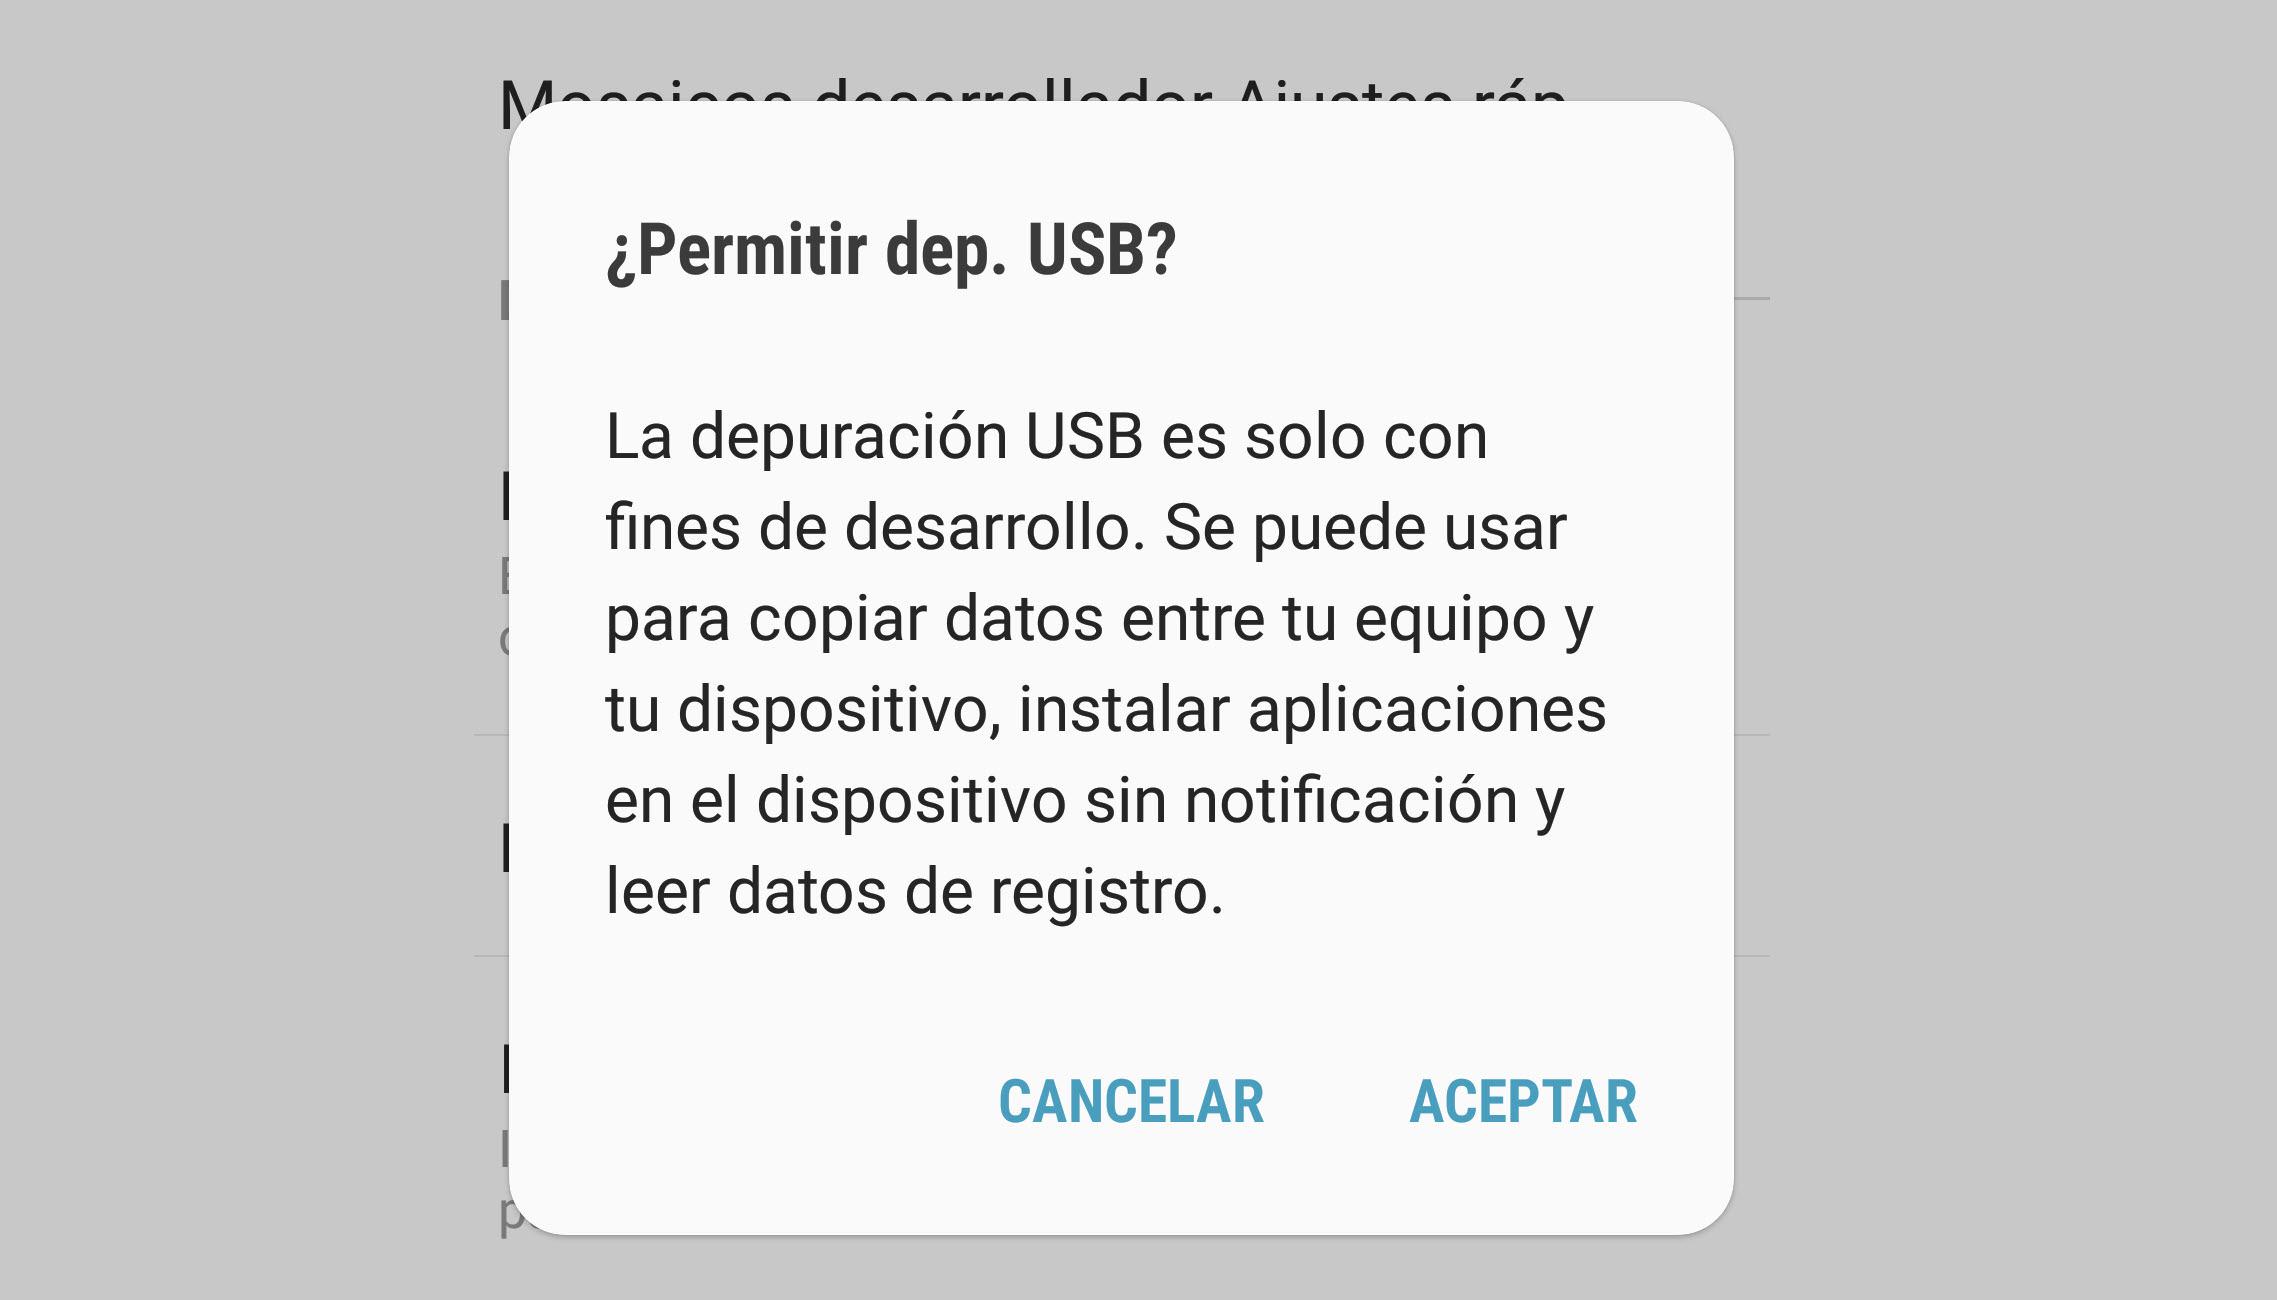 Cómo activar la depuración USB en Android